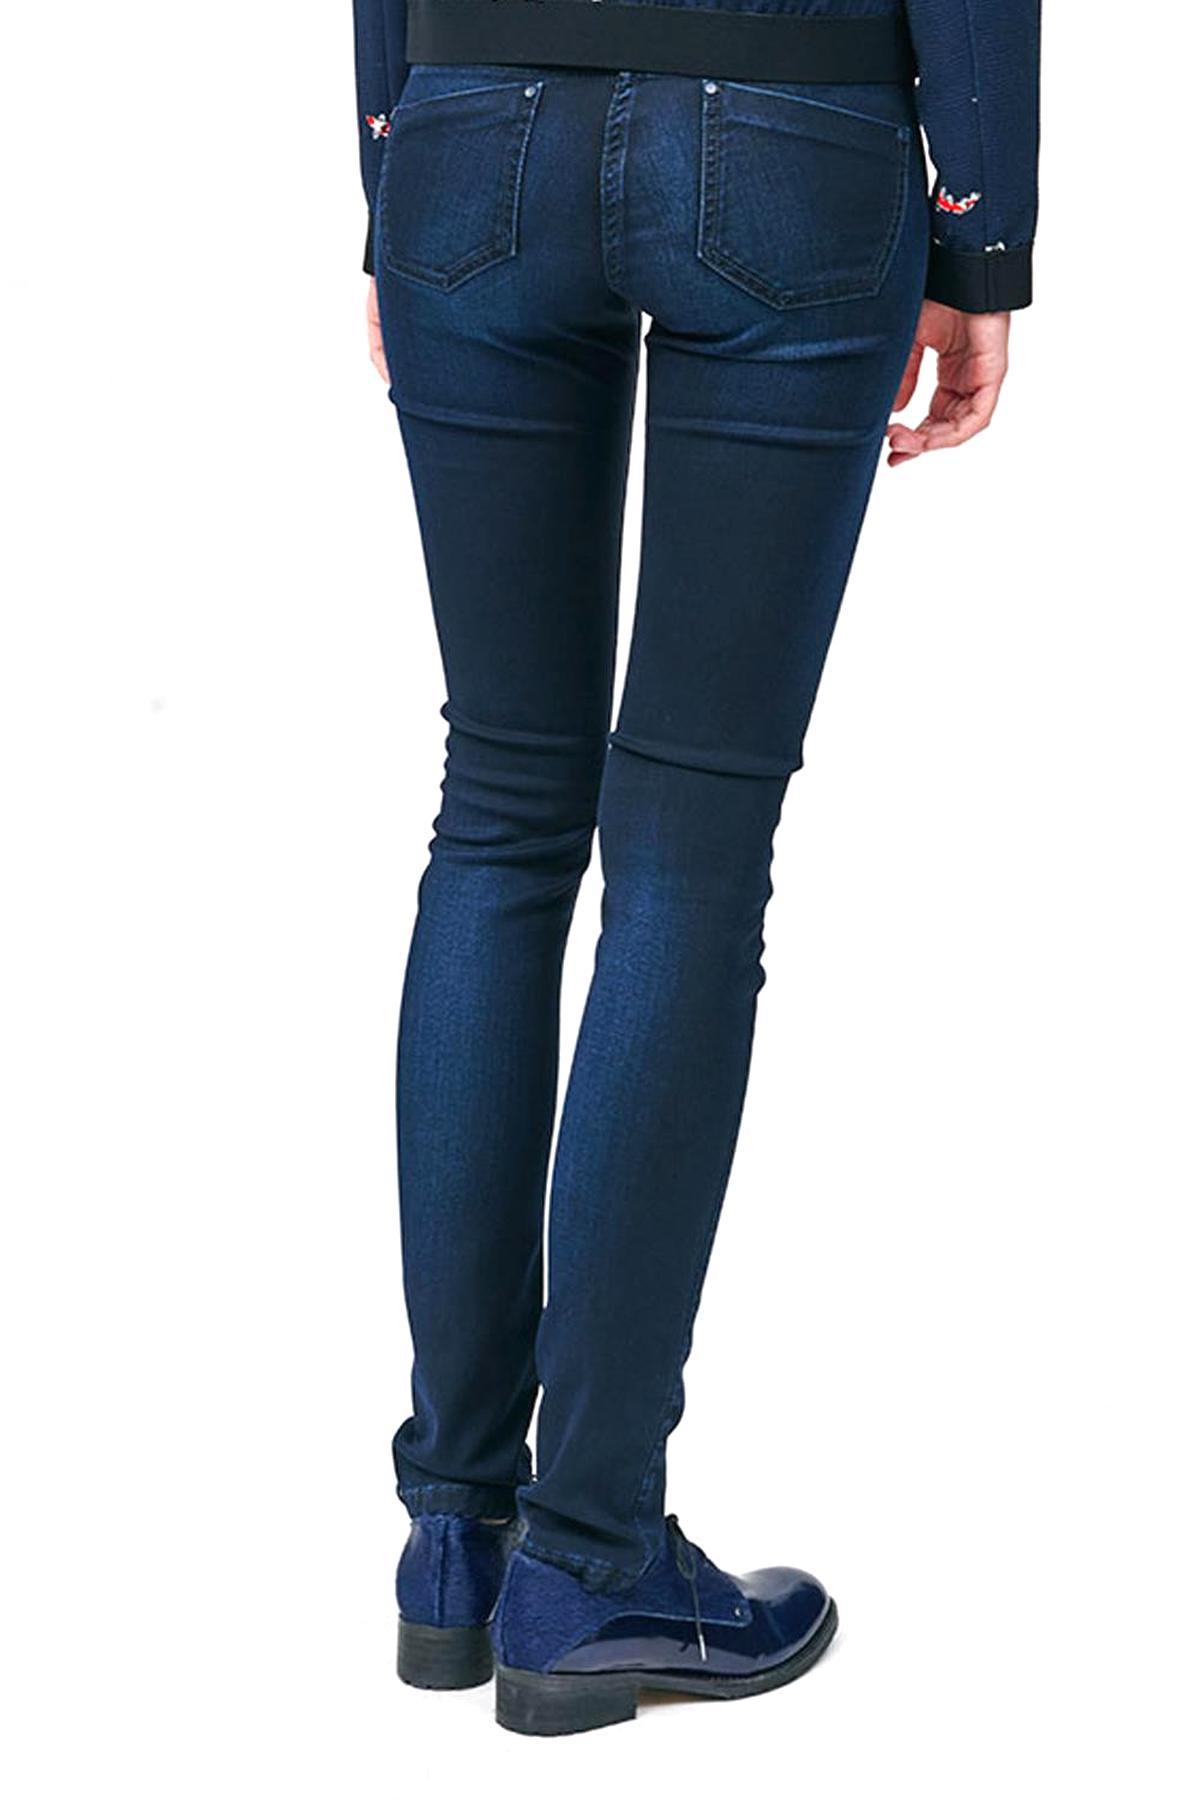 jeans cop copine d'occasion